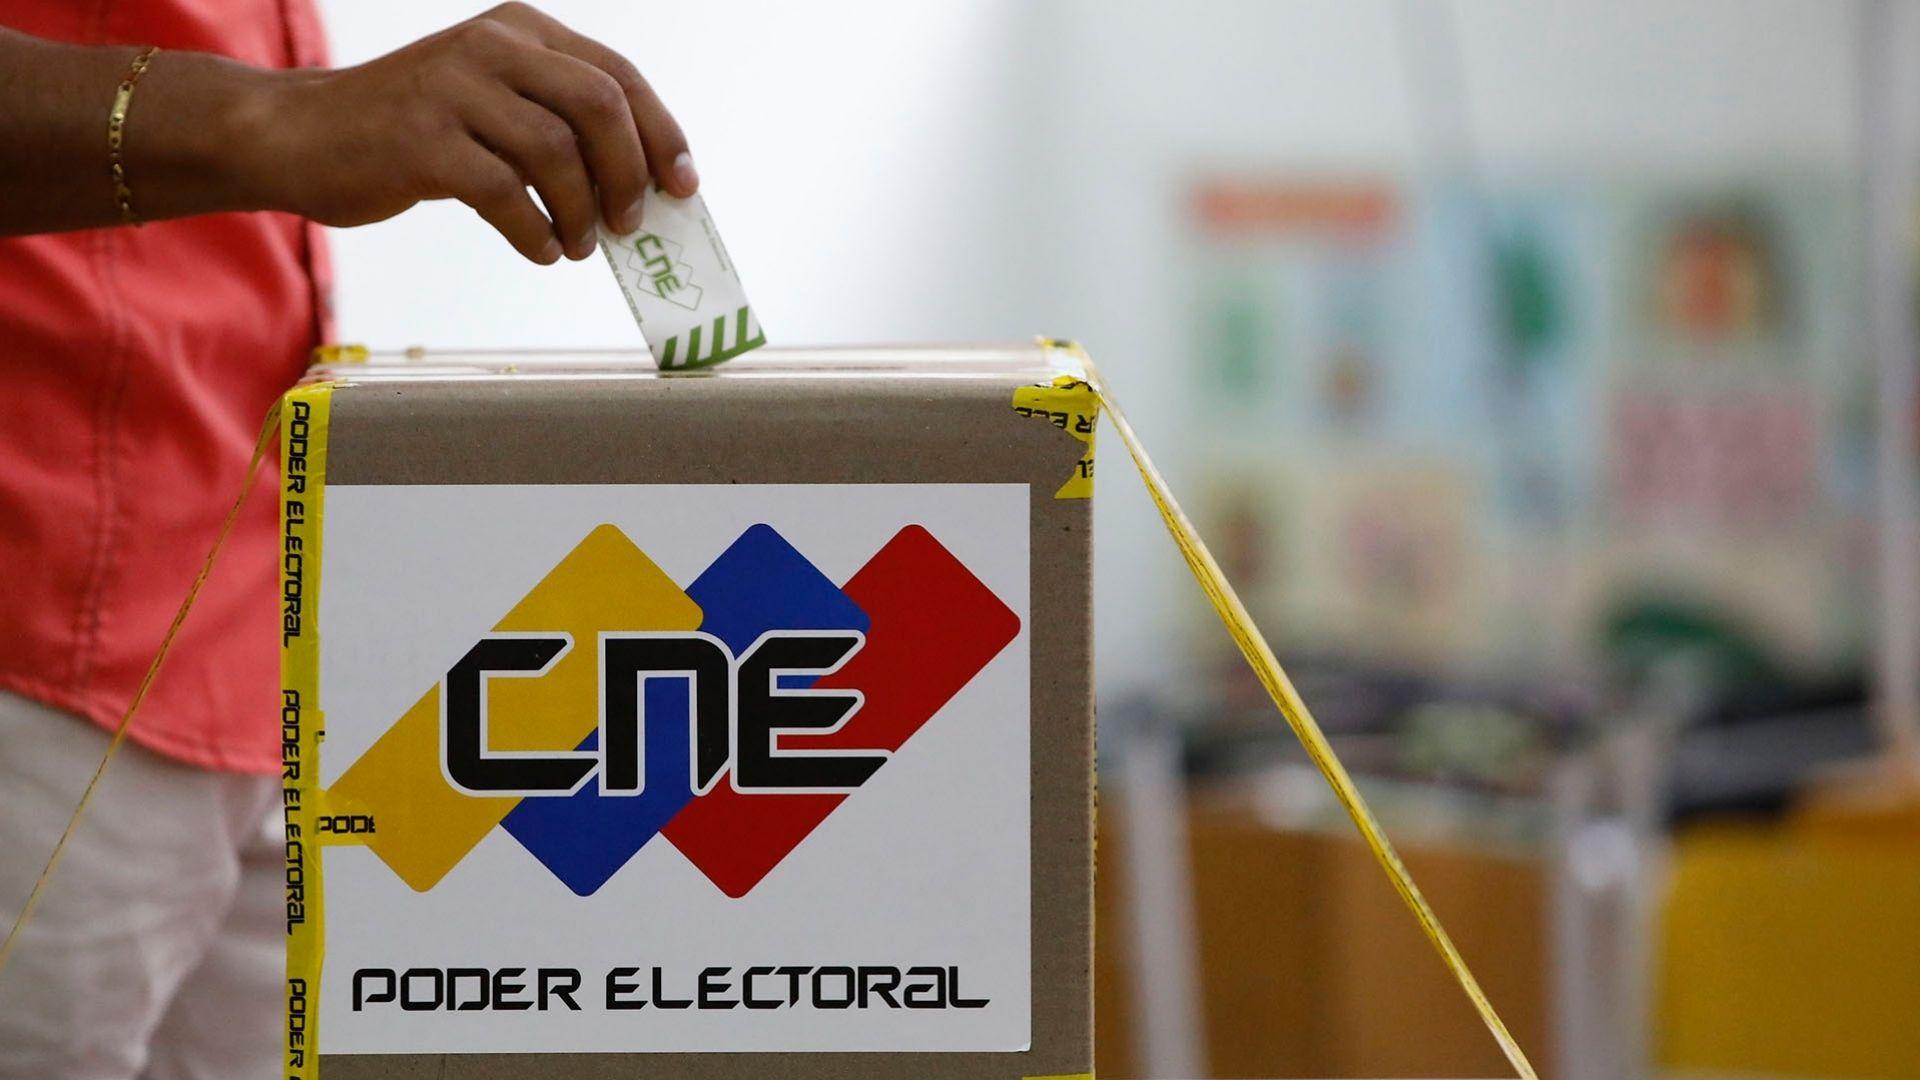 Minuto a minuto: Así transcurre el evento electoral de este #6D